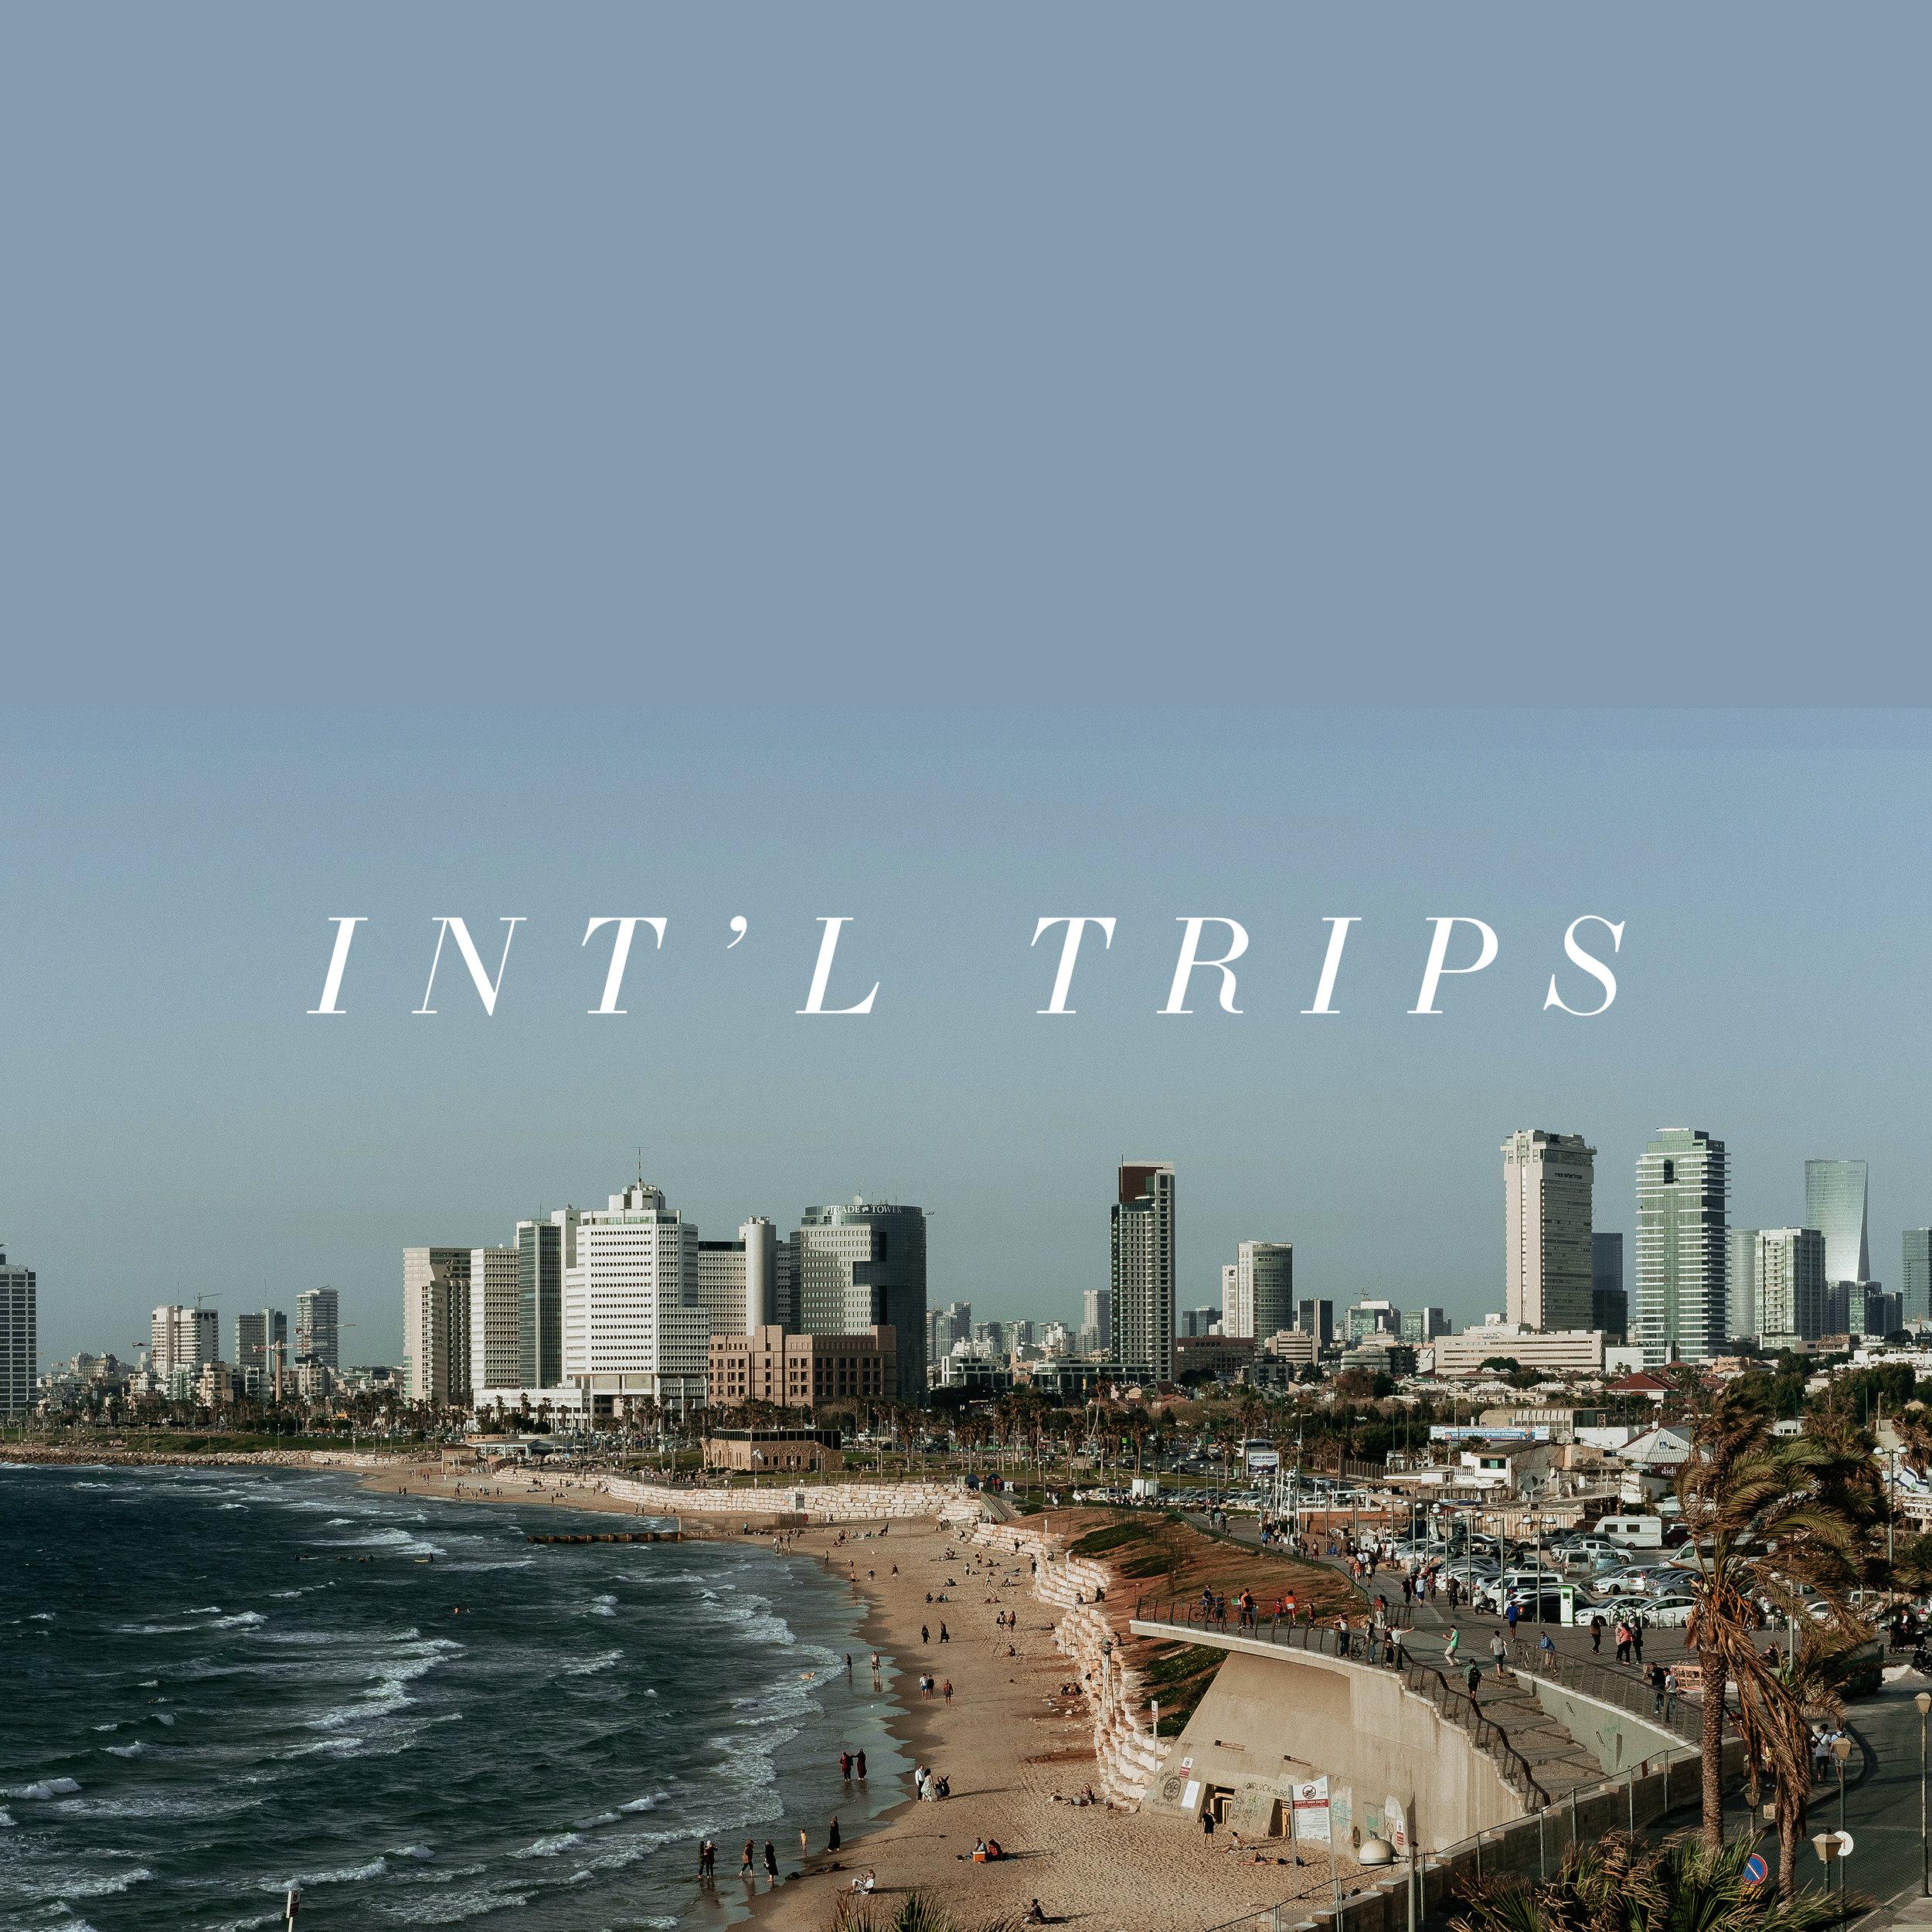 intl trips.jpg